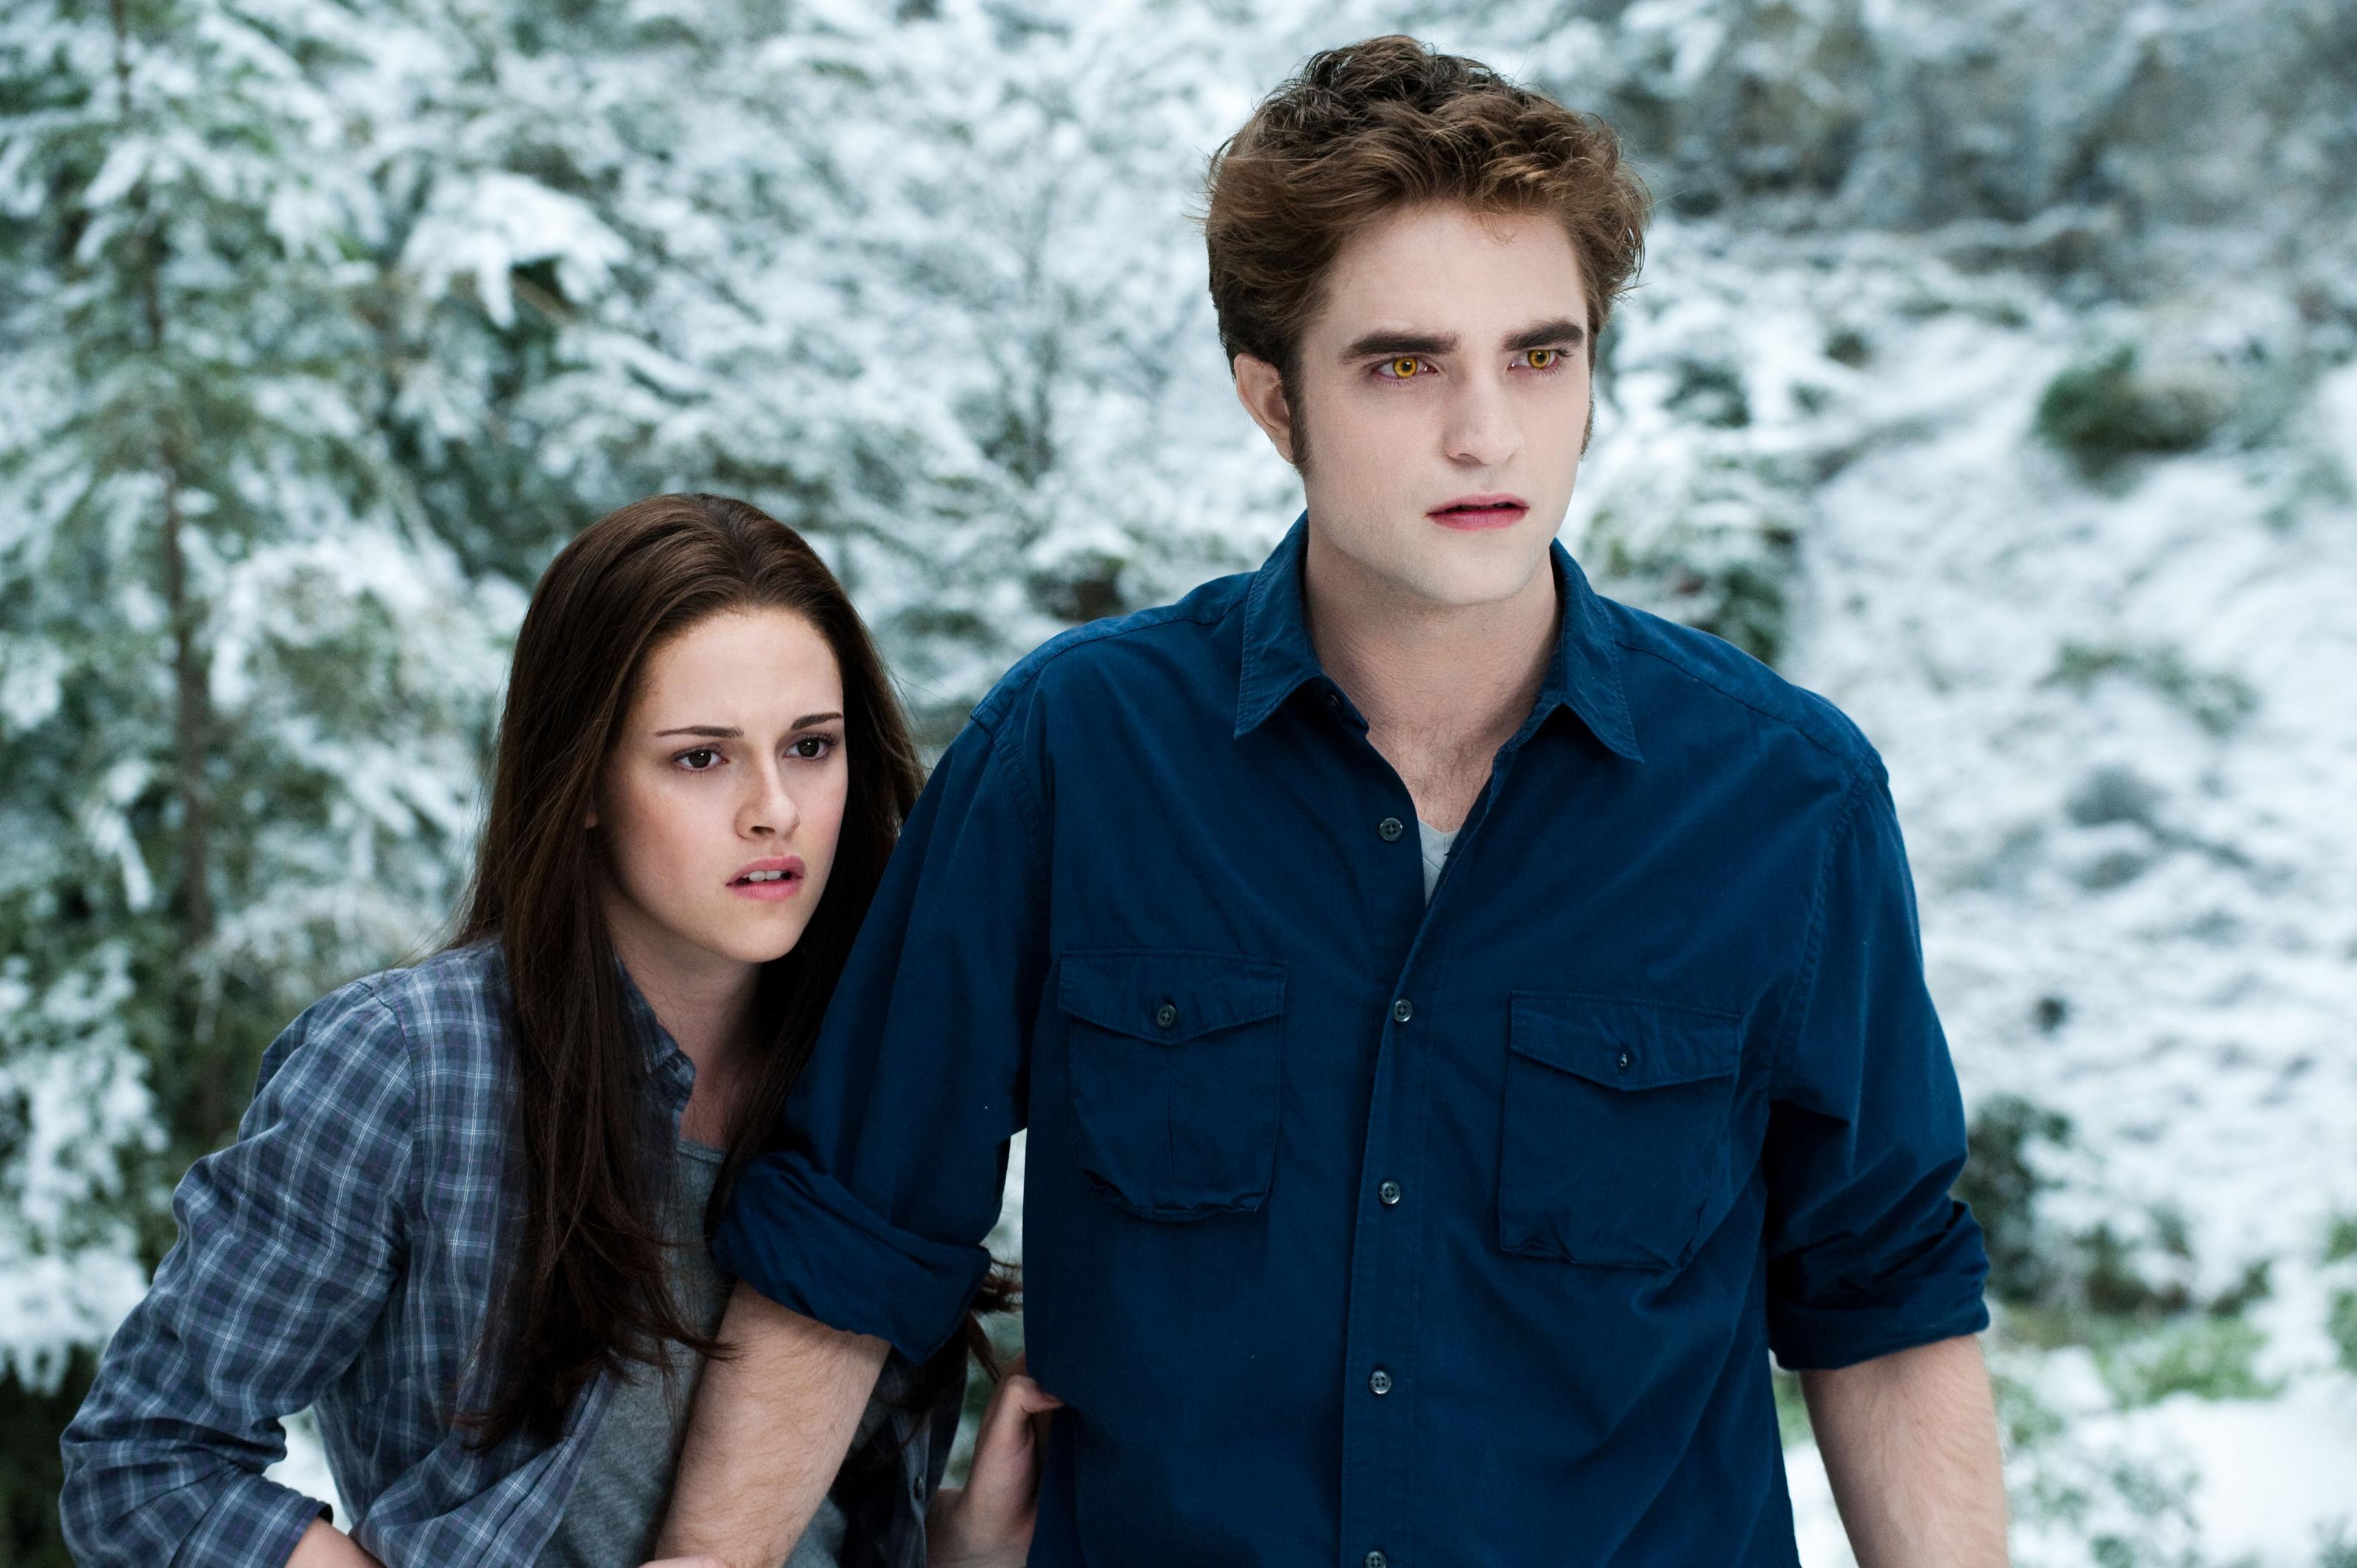 Αποτέλεσμα εικόνας για twilight edward and bella